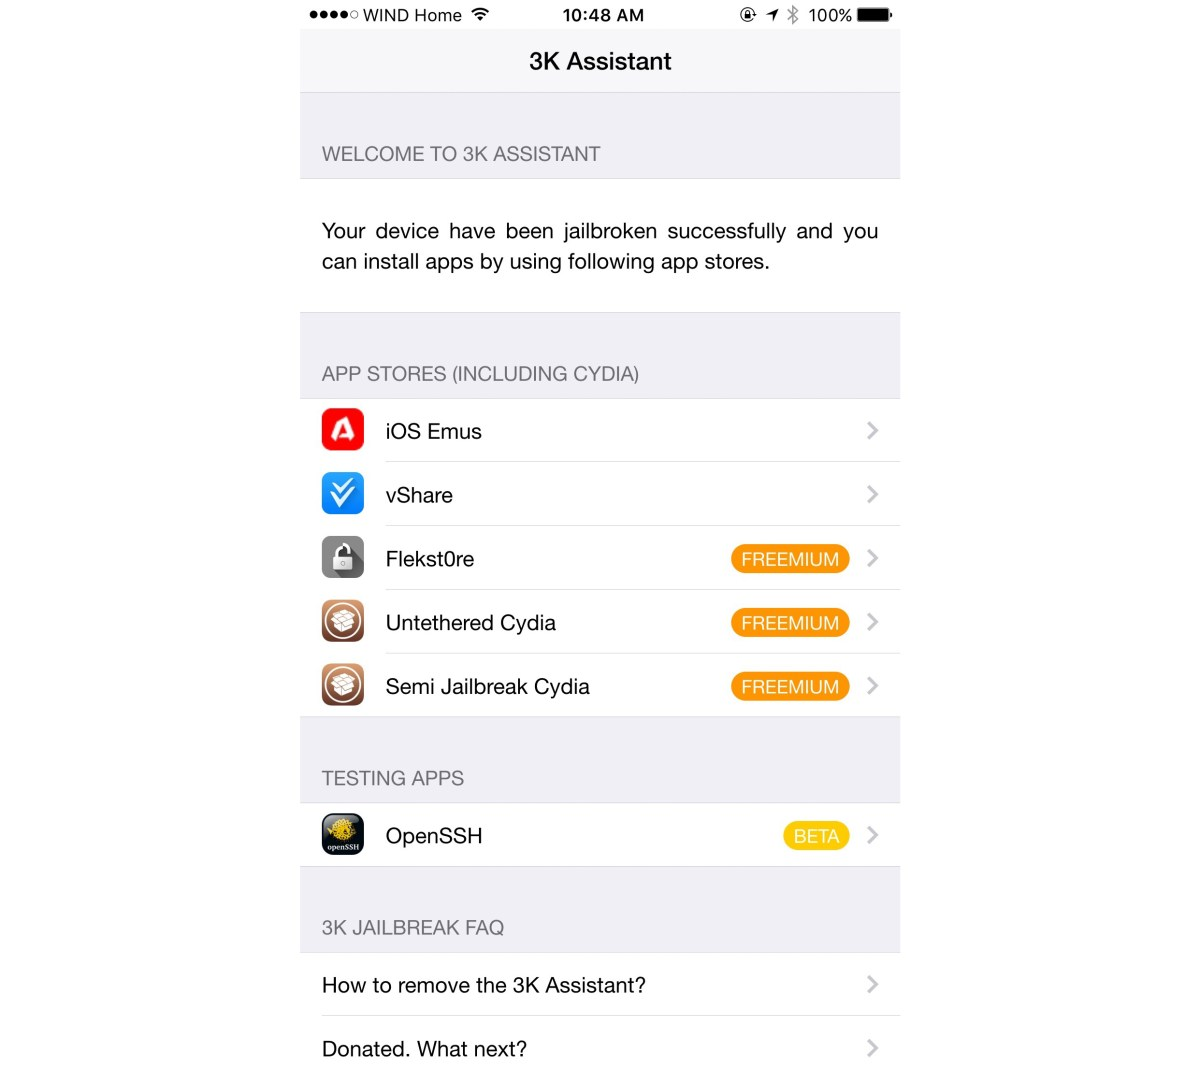 iOS-9.3-Jailbreak-Scam-6